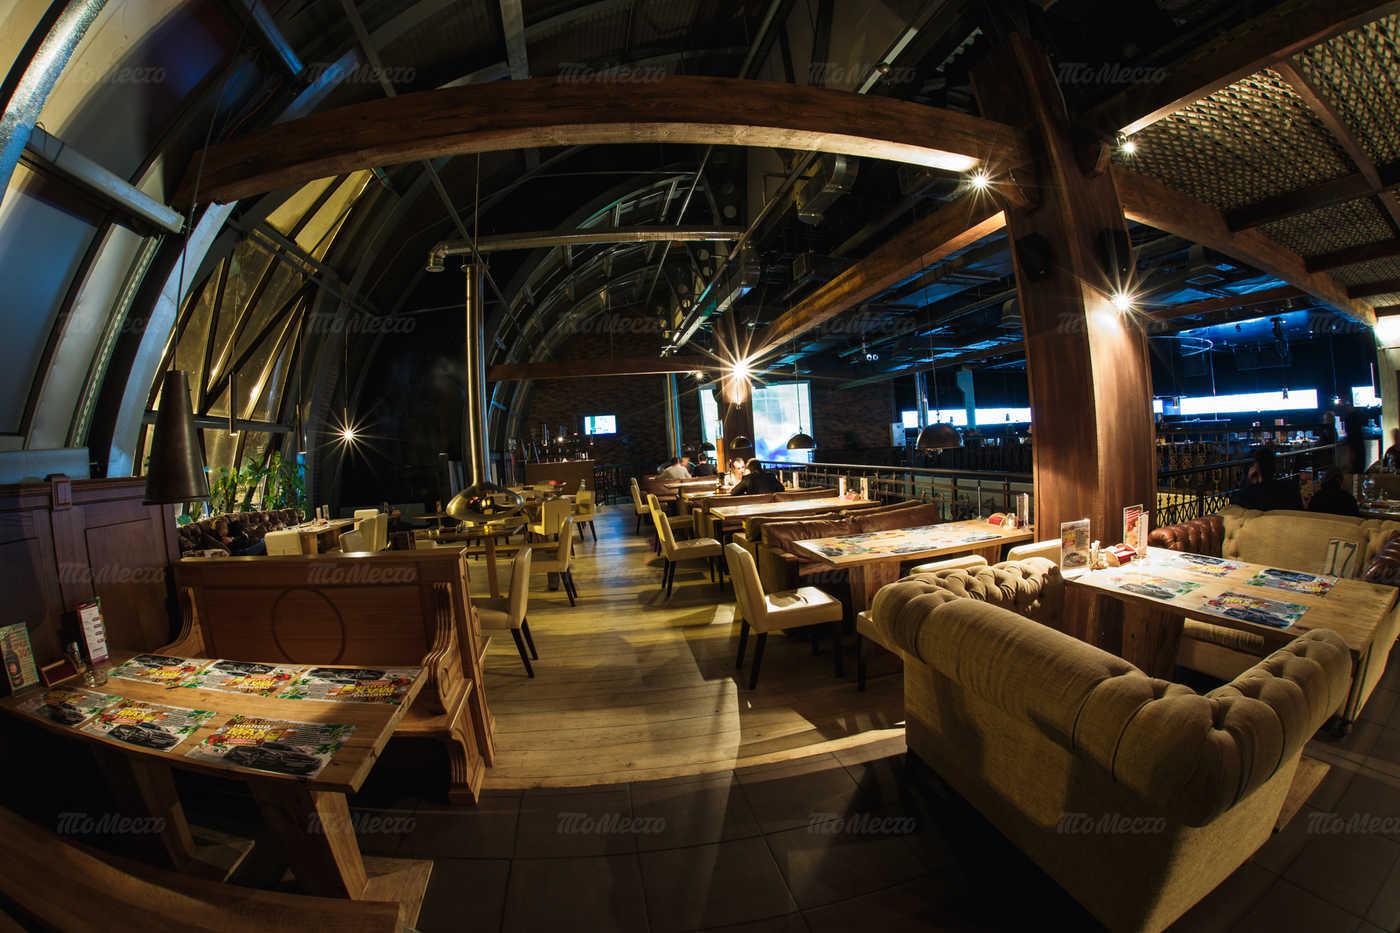 Меню ночного клуба, паба, пивного ресторана Максимилиан Холл (Maximilian Hall) на Балканской площади